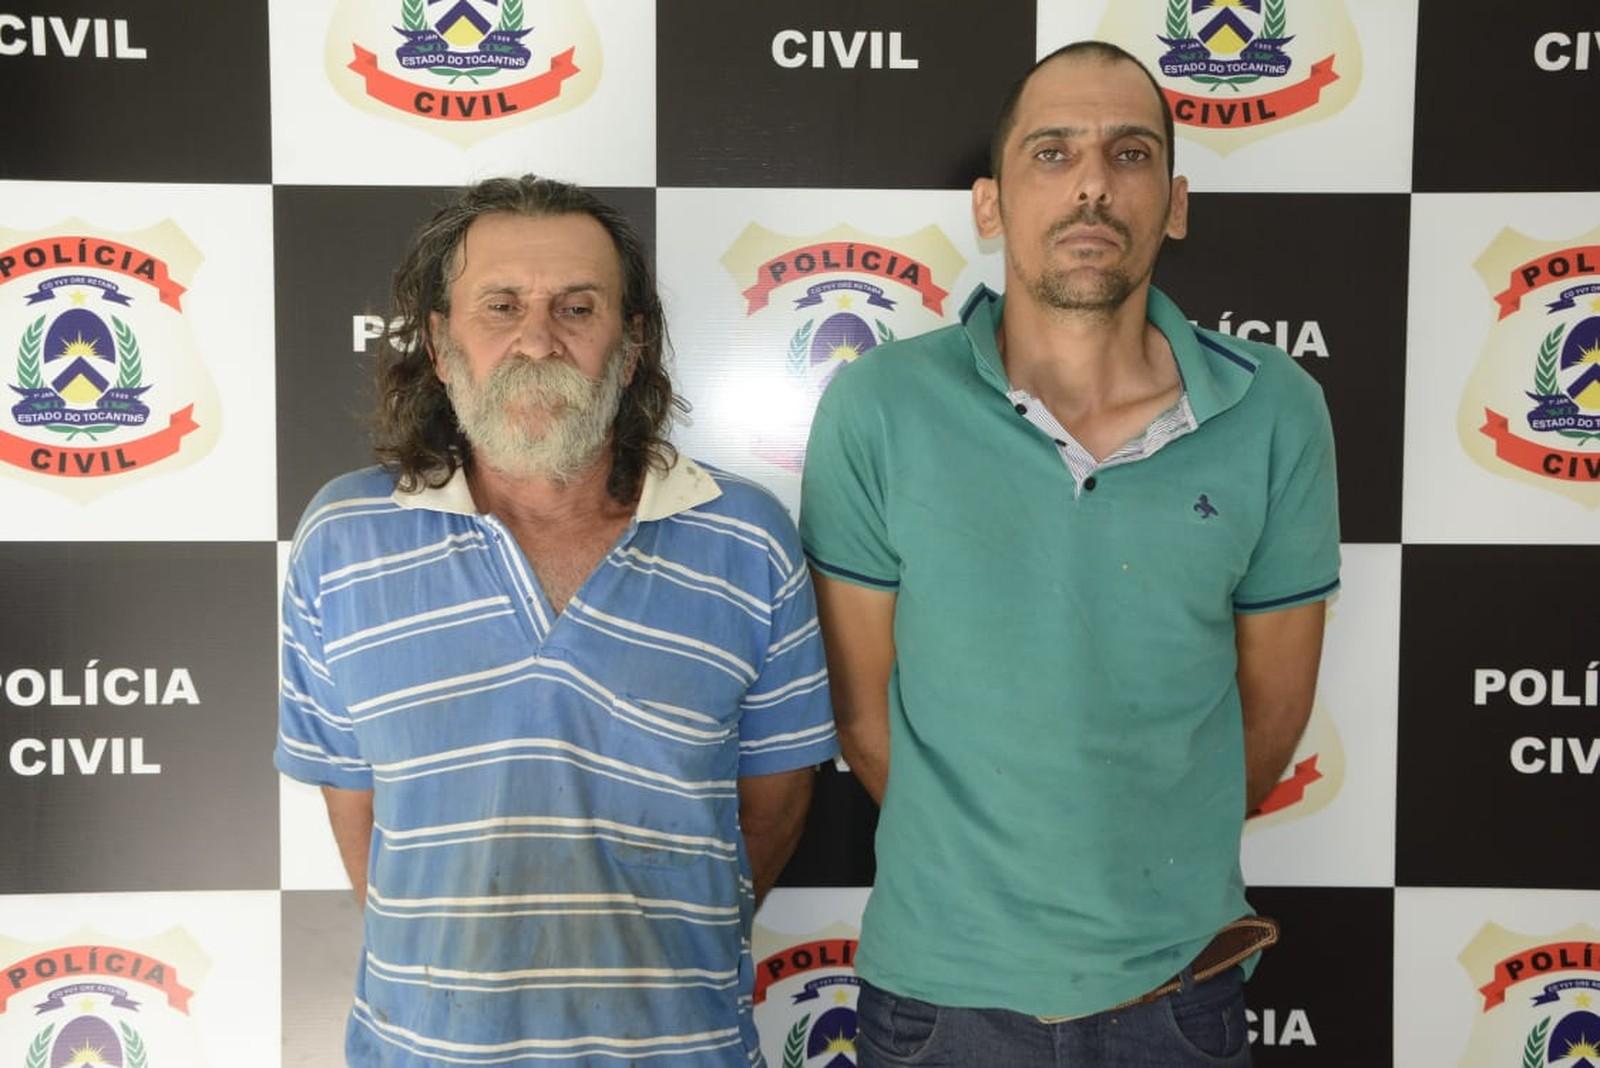 Pai e filho suspeitos de furtar gado em fazendas são absolvidos pela Justiça por falta de provas